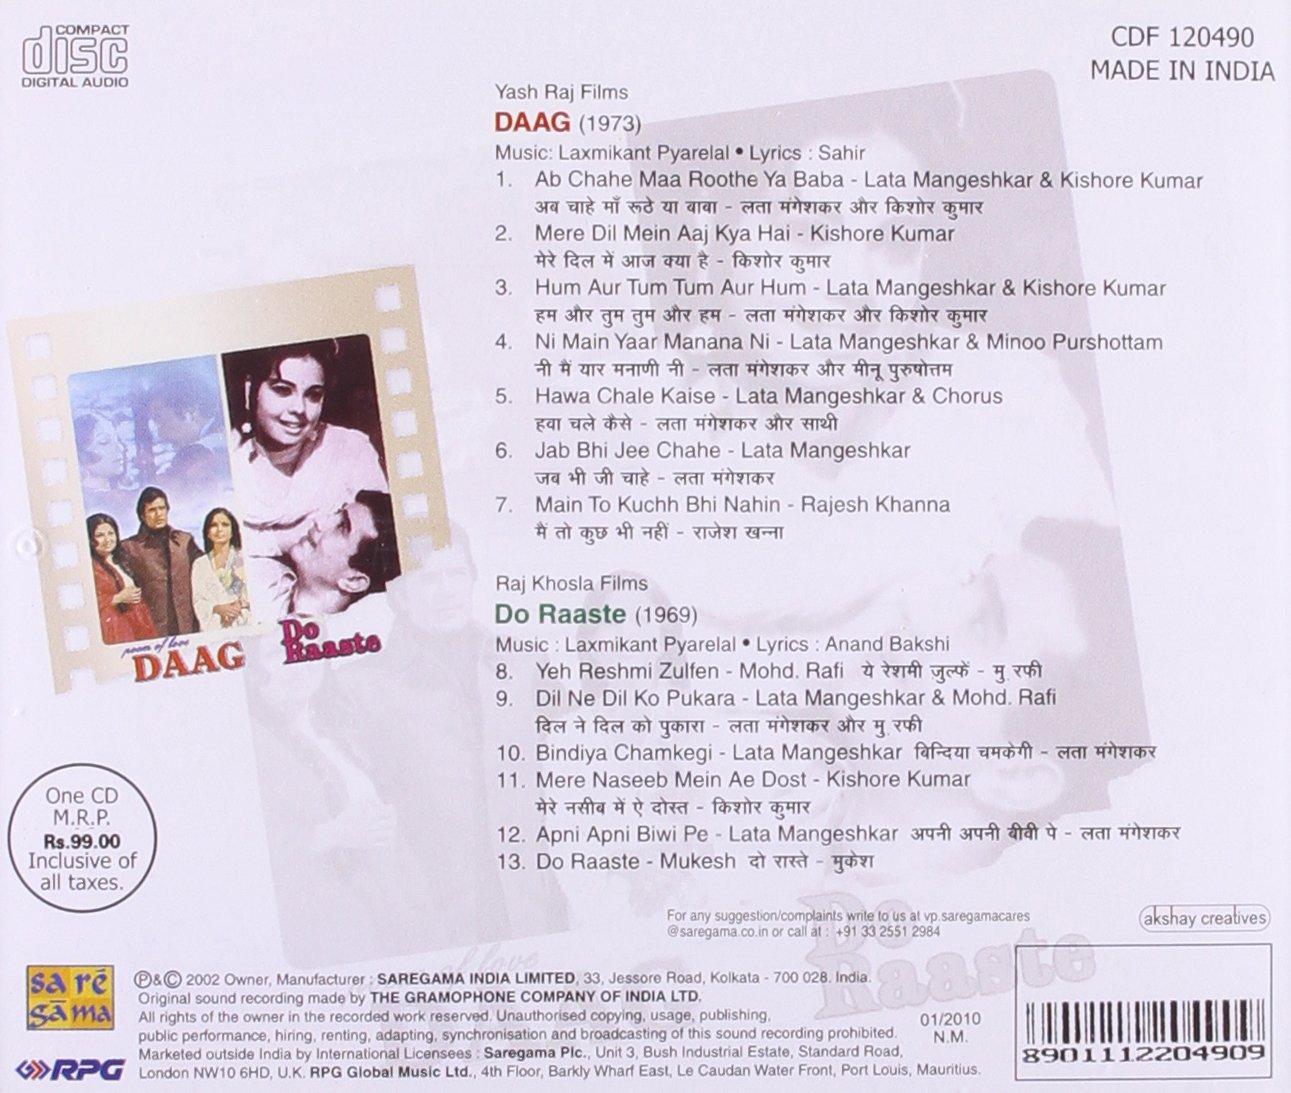 Apni apni biwi pe lyrics | do raaste (1969) songs lyrics | latest.